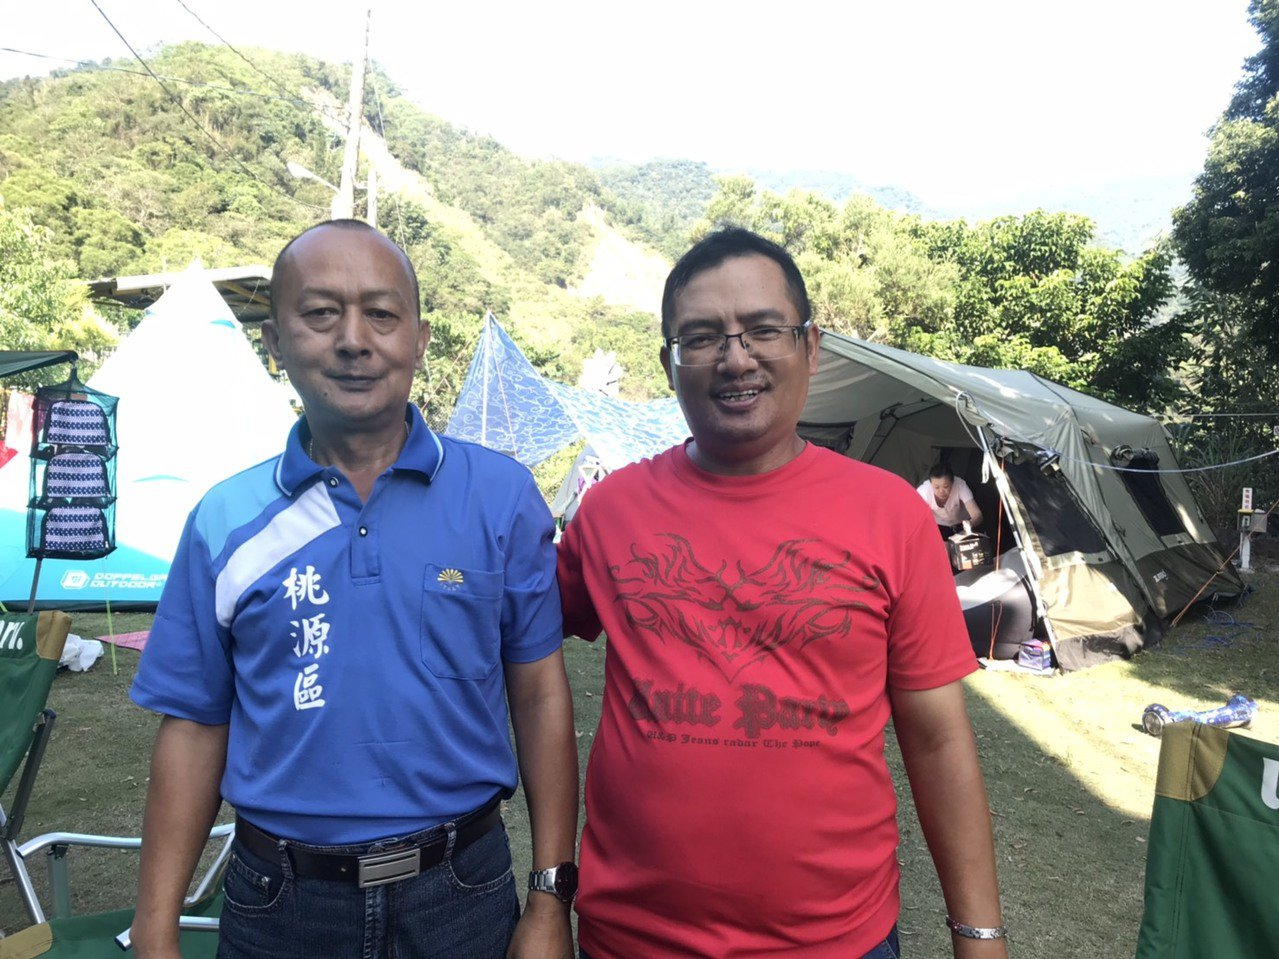 陳金山(左)自高雄市警局退休,返回桃源山區經營露營區,弟弟陳冠龍(右)是他的最佳...